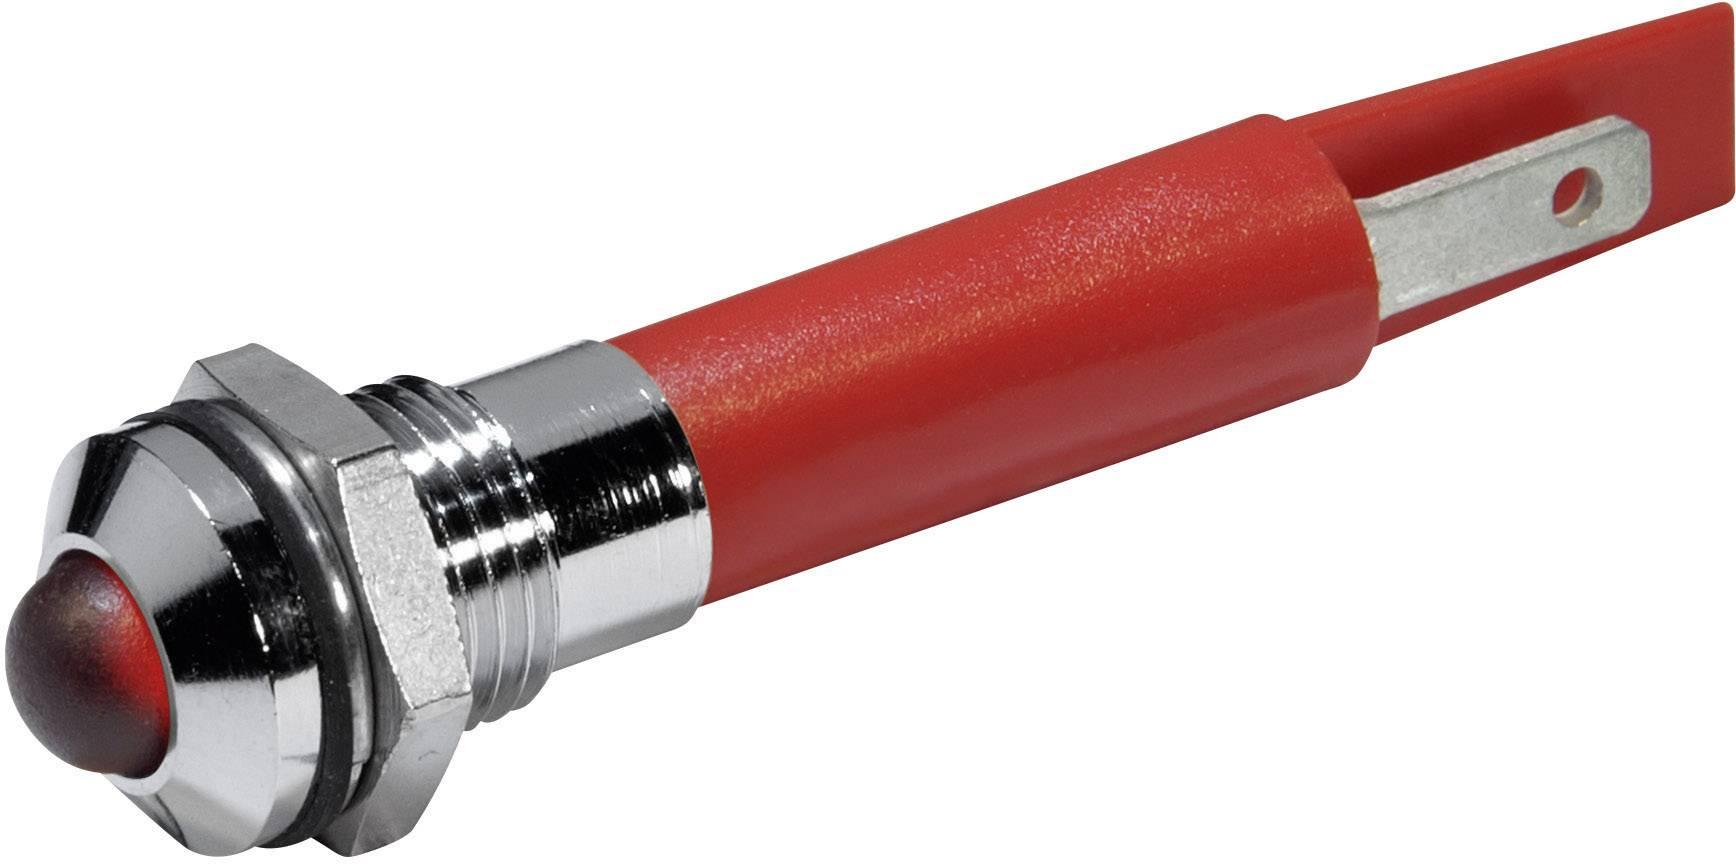 LED signálka CML 19510430, IP67, 230 V/AC, červená